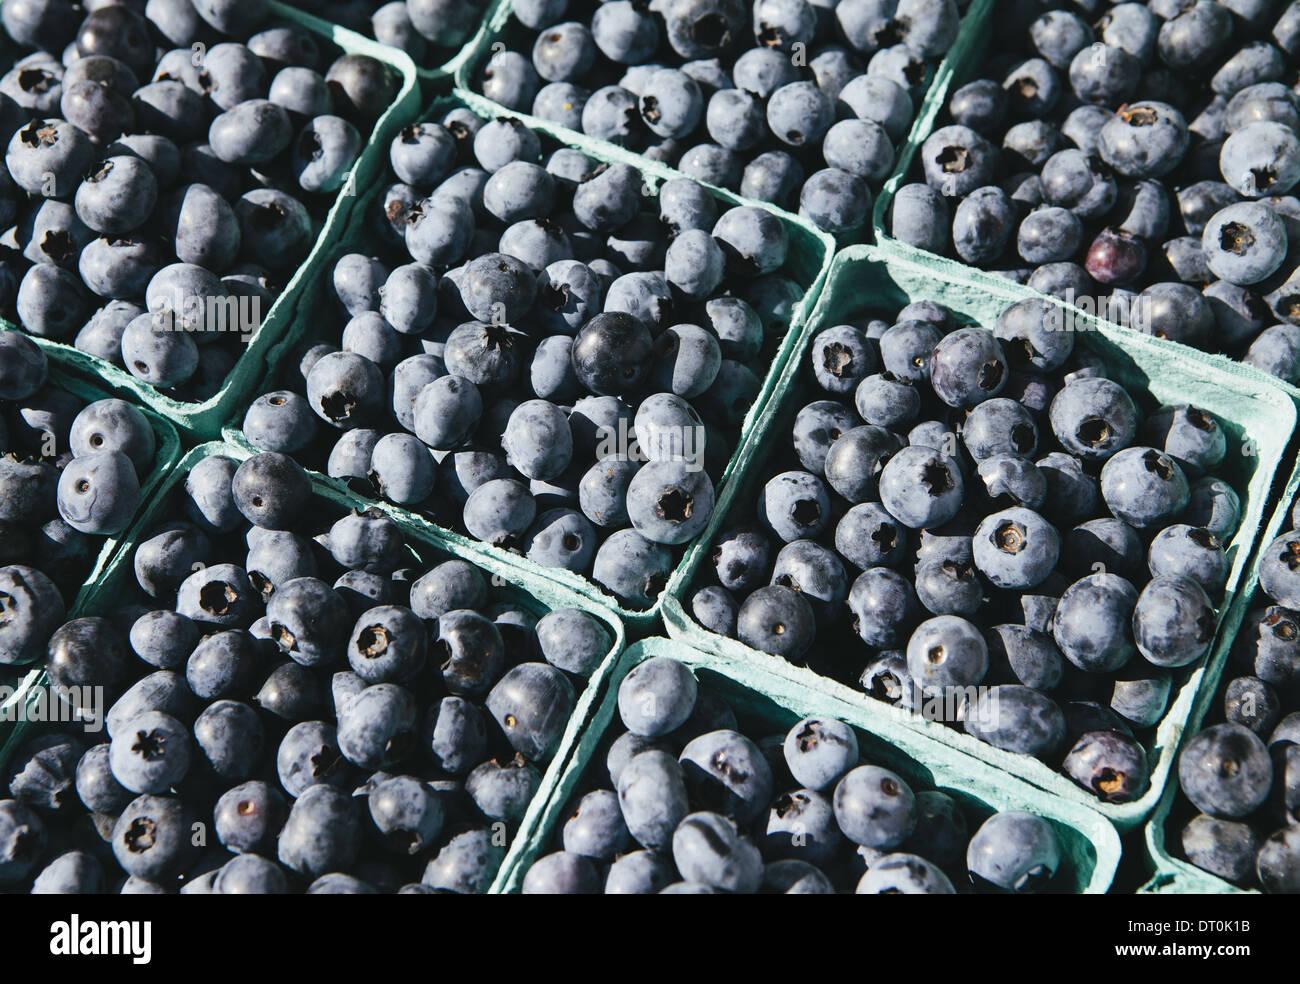 Seattle Washington USA Scatole di mirtilli organico farmers market Immagini Stock